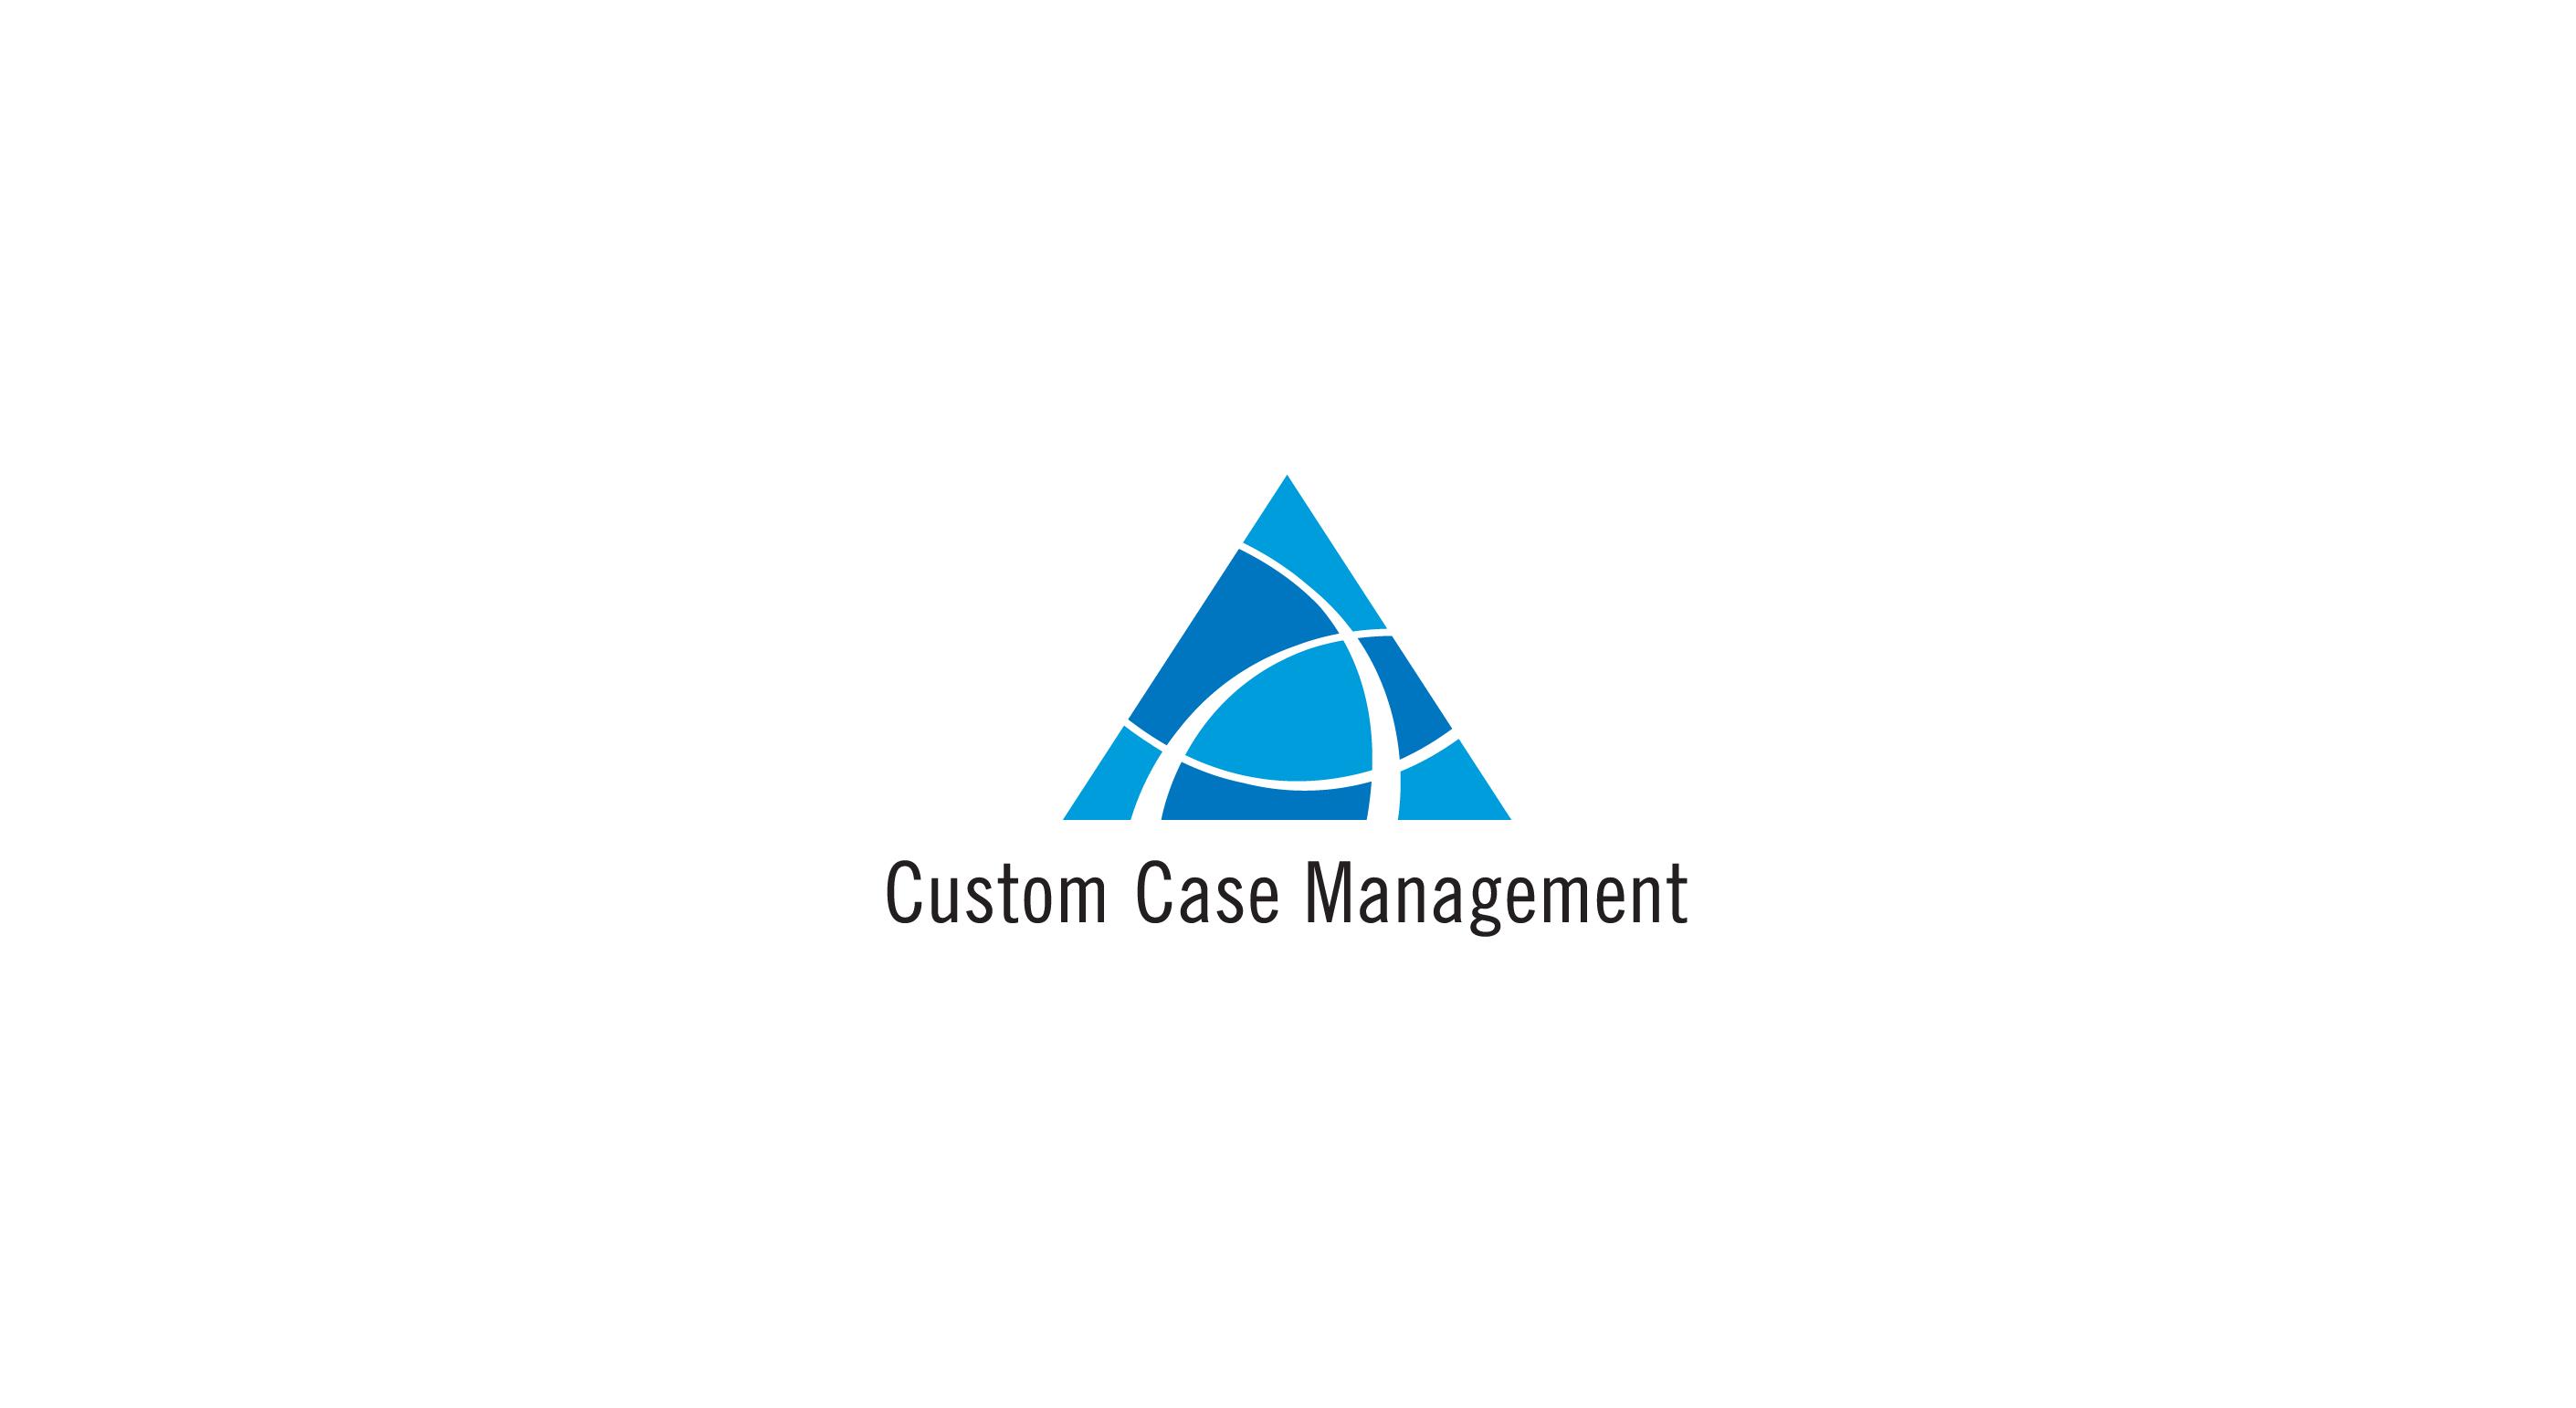 Custom Case Management